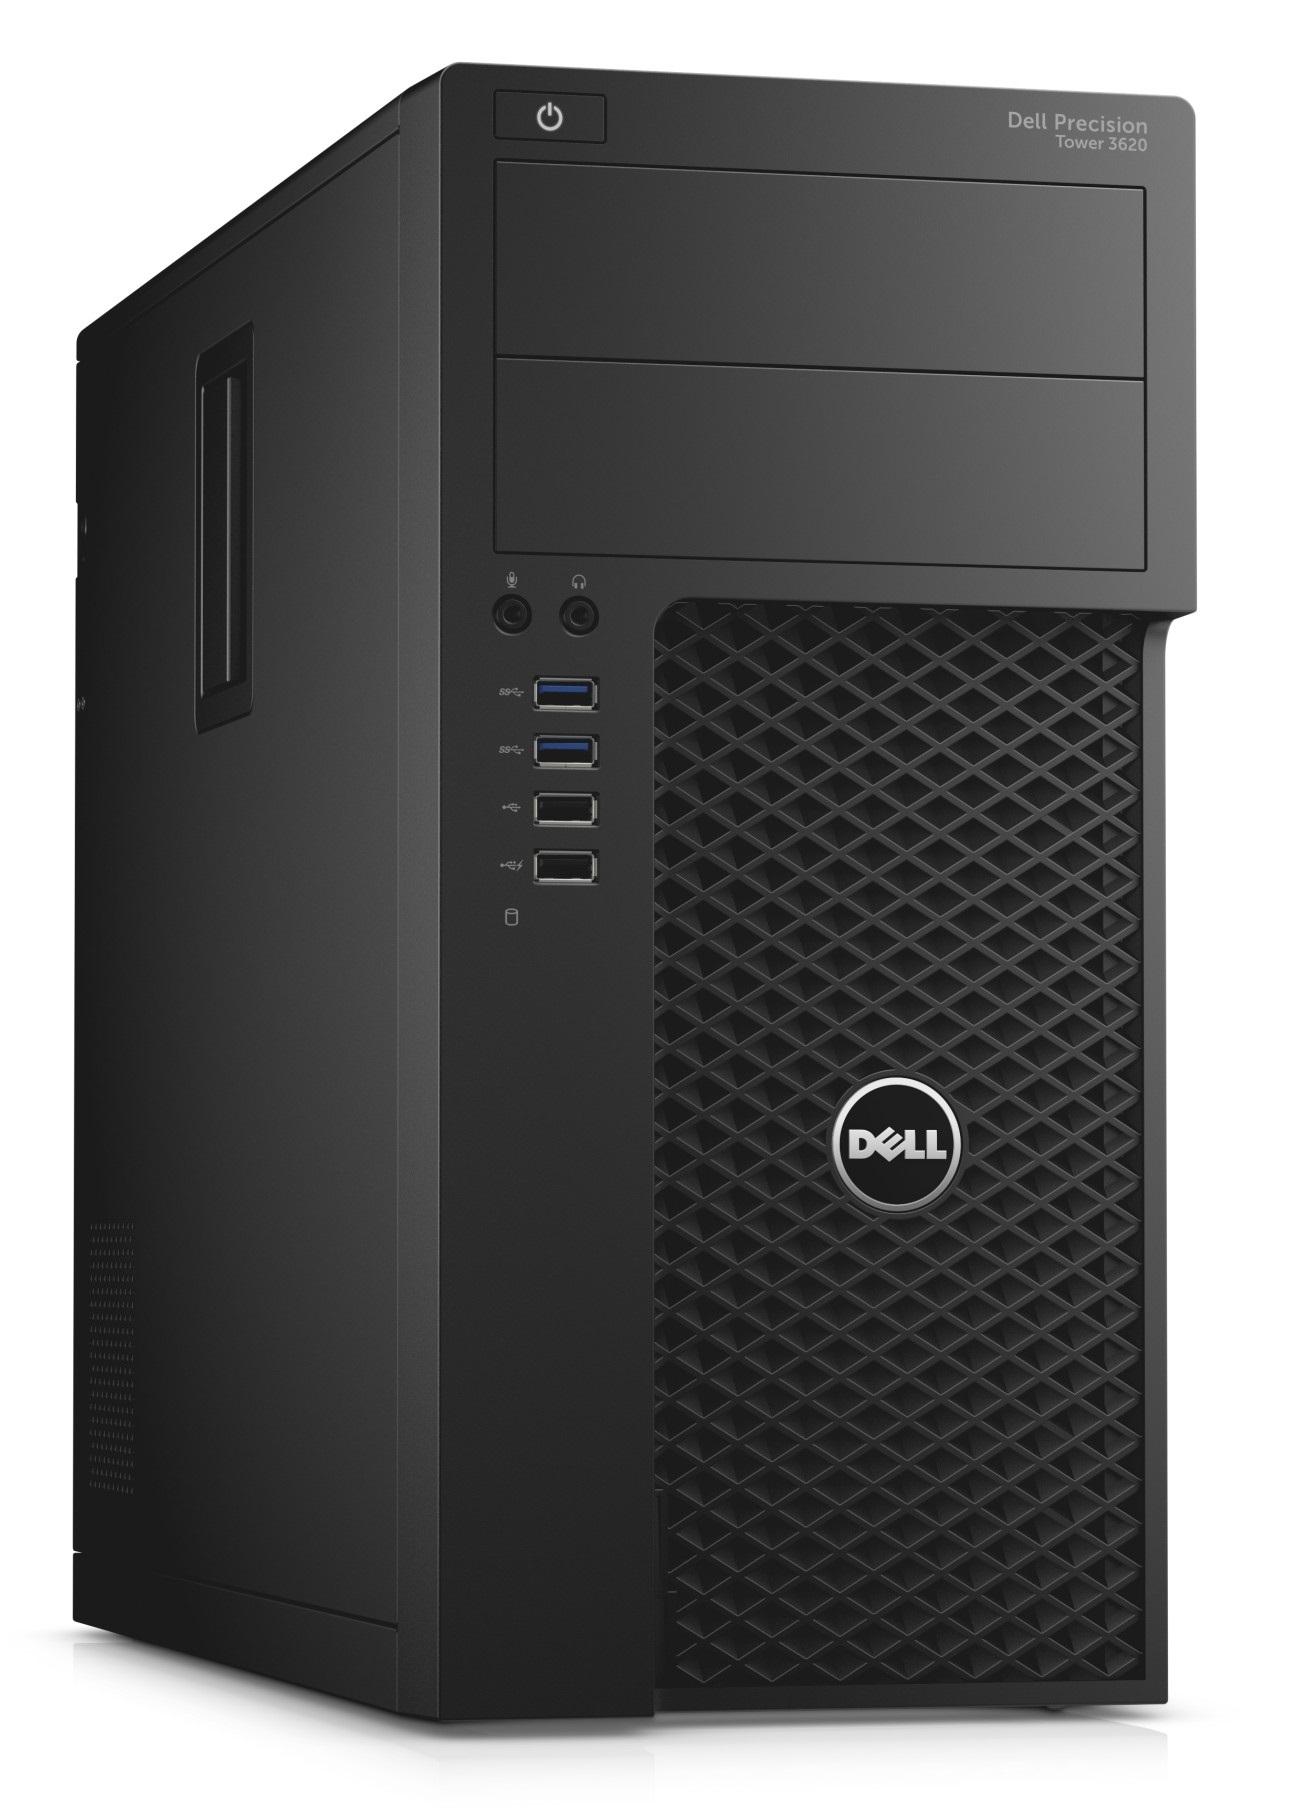 Dell Precision T3620 MT E3-1240/16G/256SSD+2TB/M2000-4G/HDMI/DP/DVD-RW/W7P+W10P/3RNBD